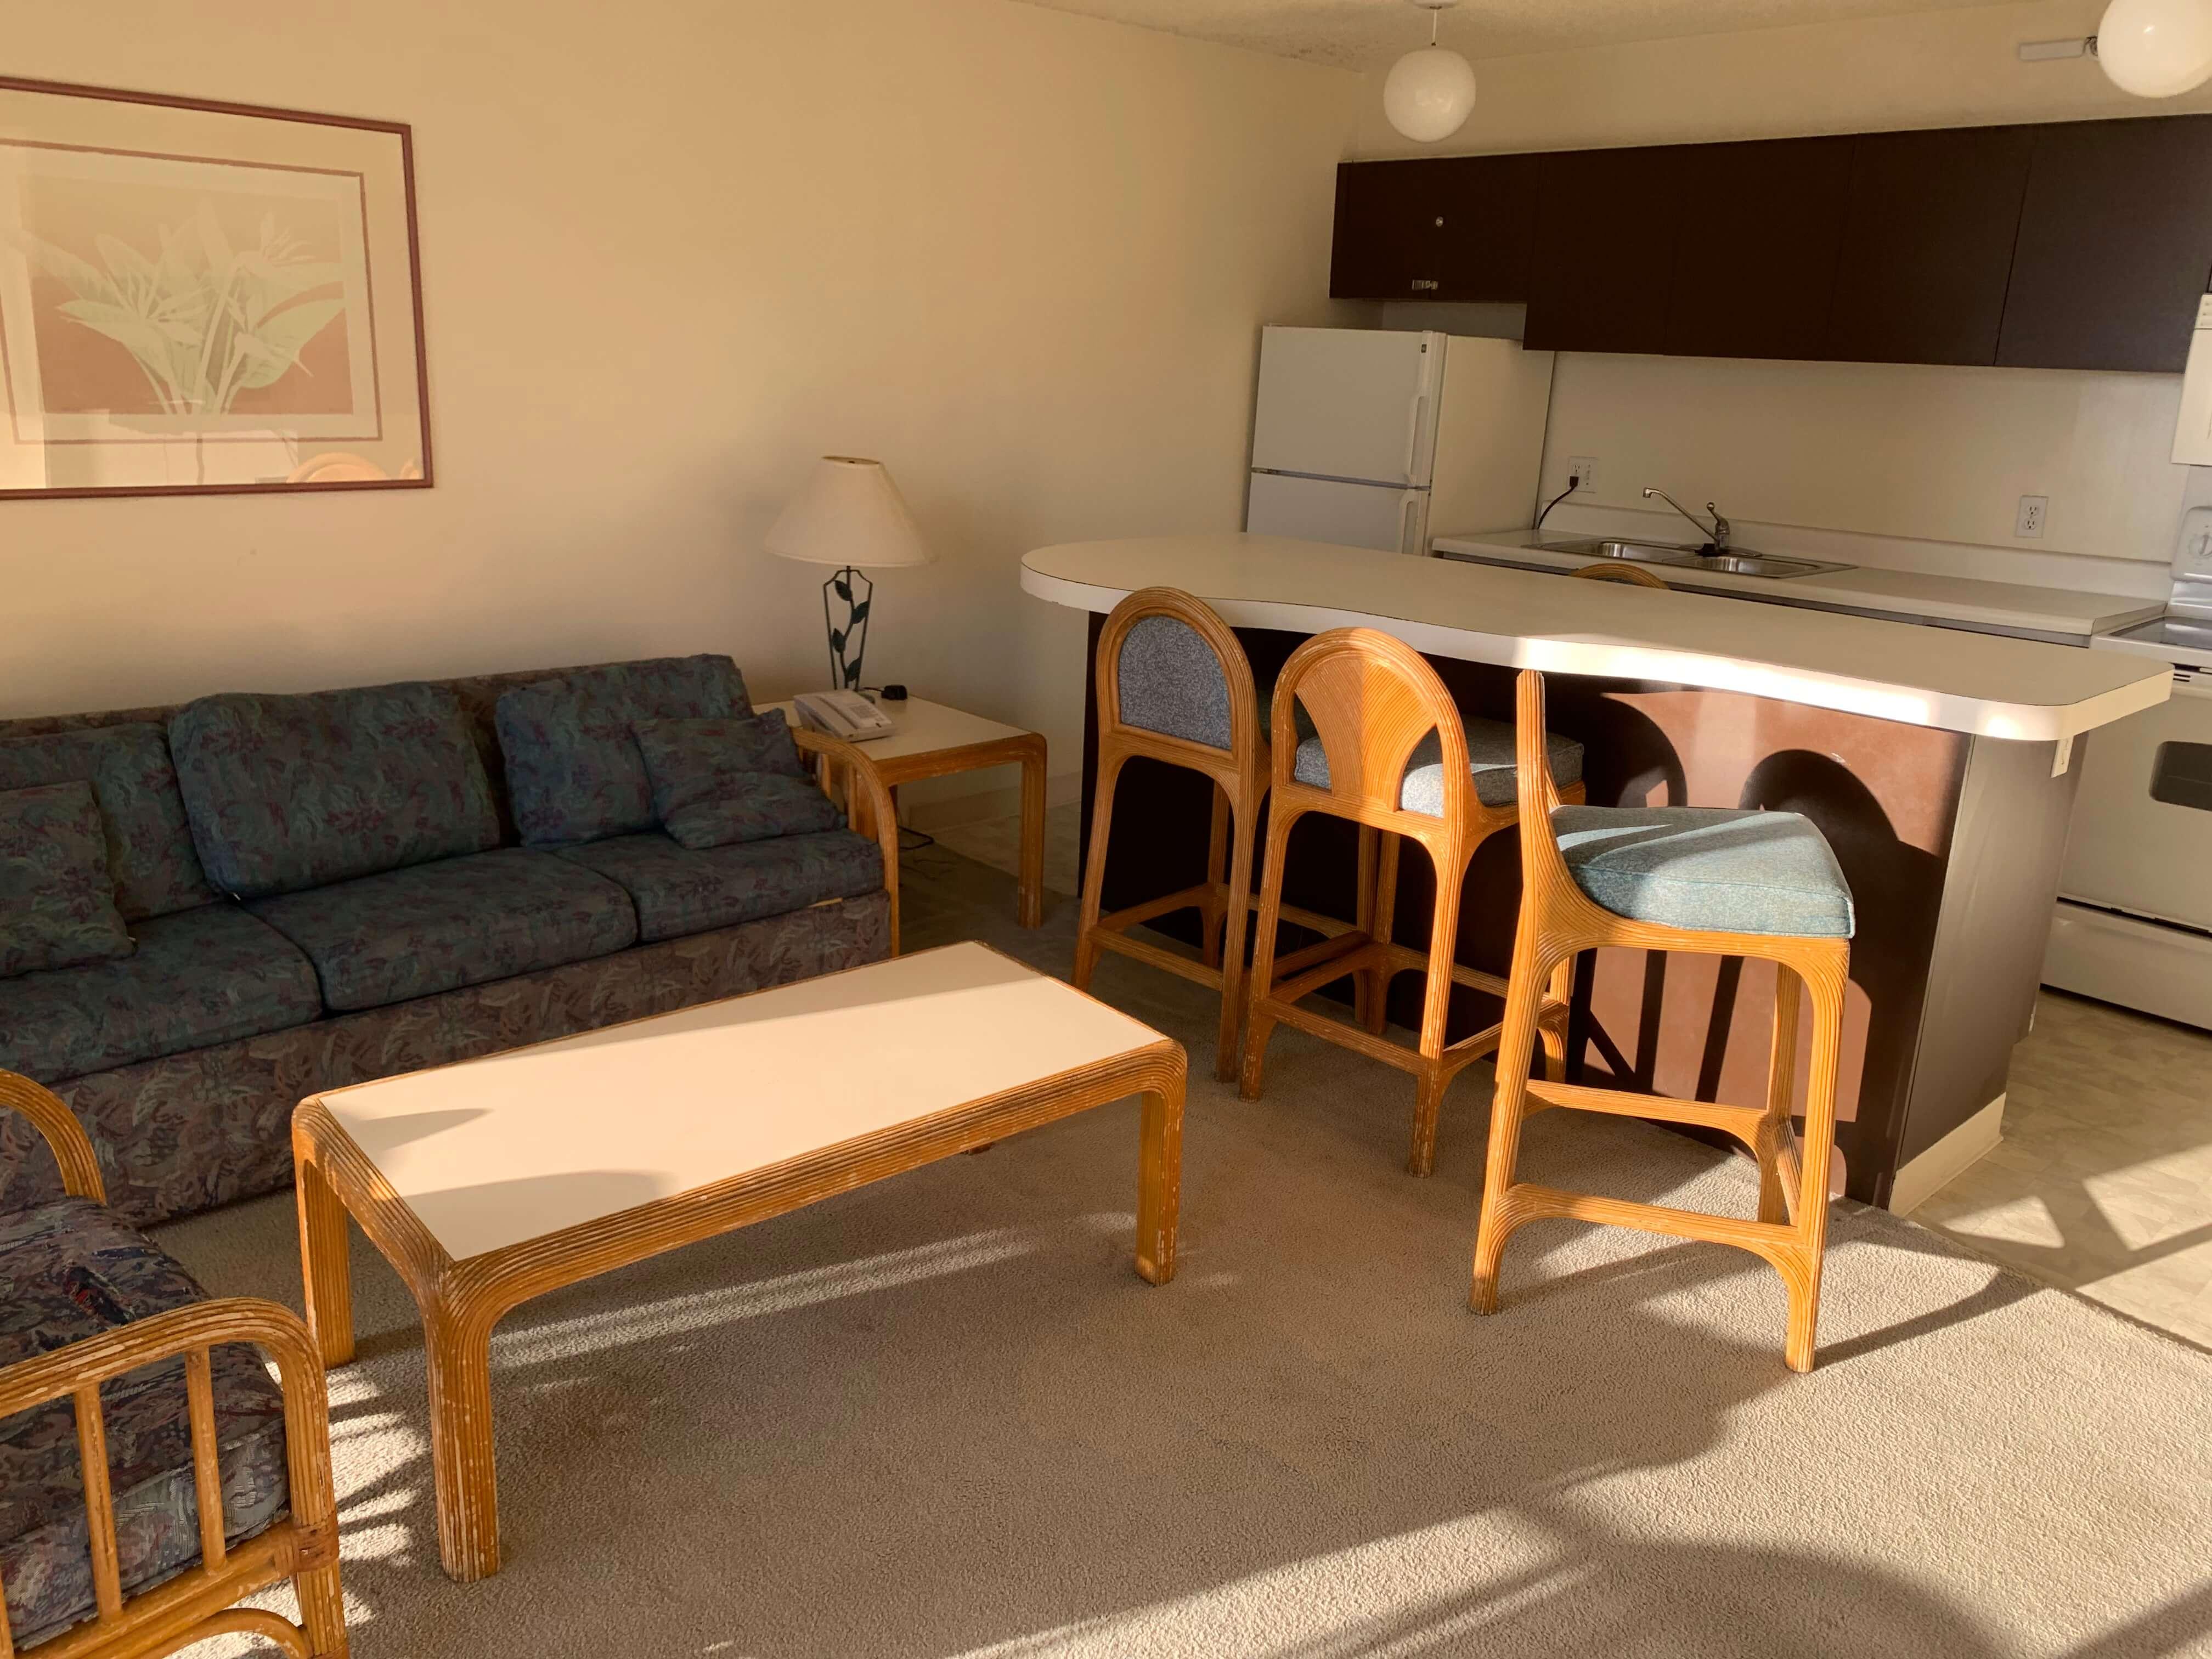 ハワイで大家:僕が買ったワイキキバニアンの部屋